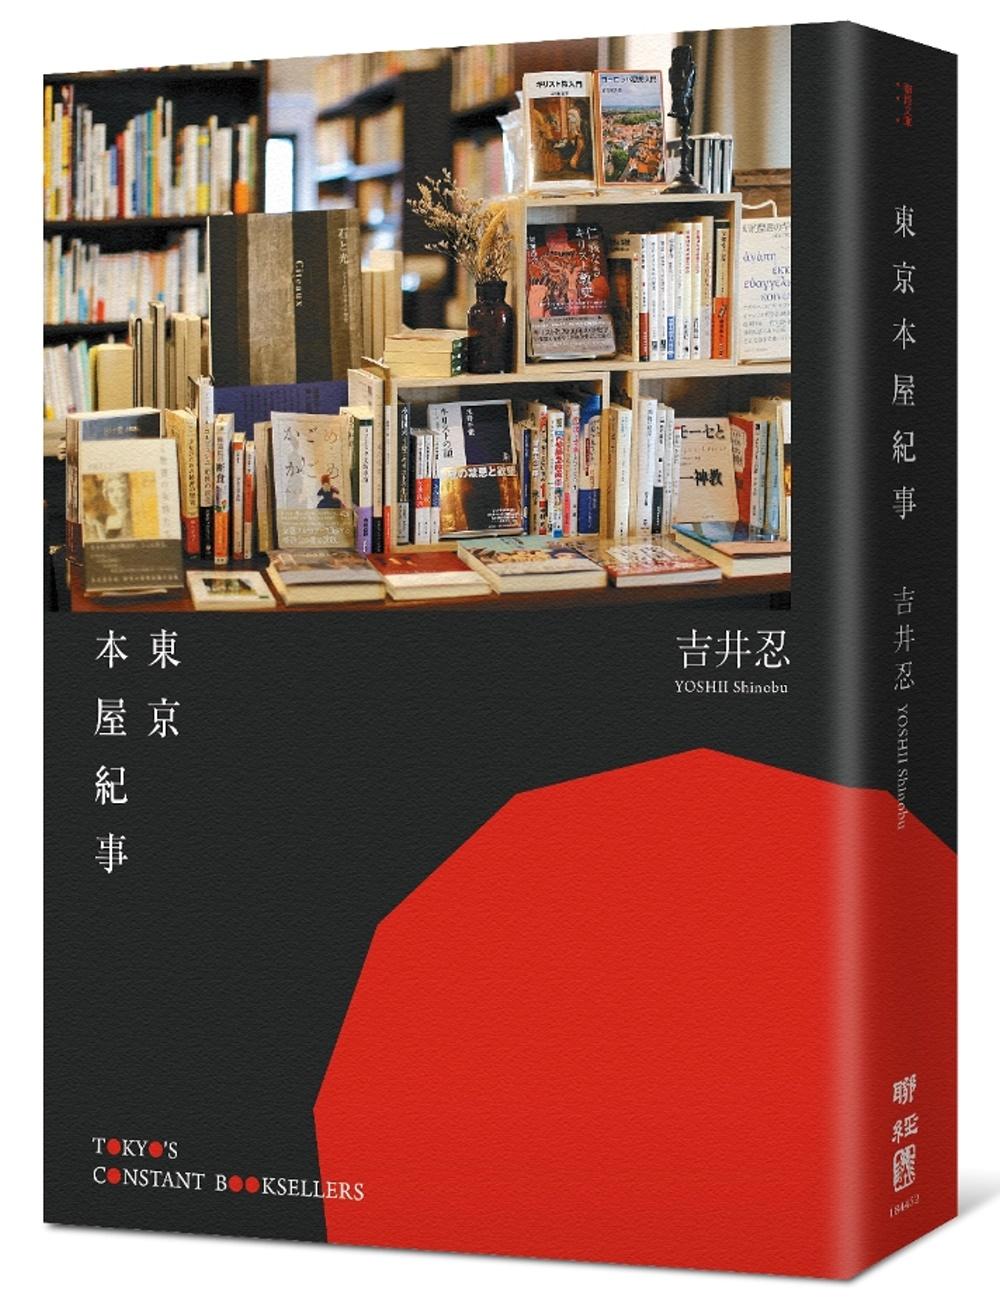 東京本屋紀事Tokyo's Constant Booksellers